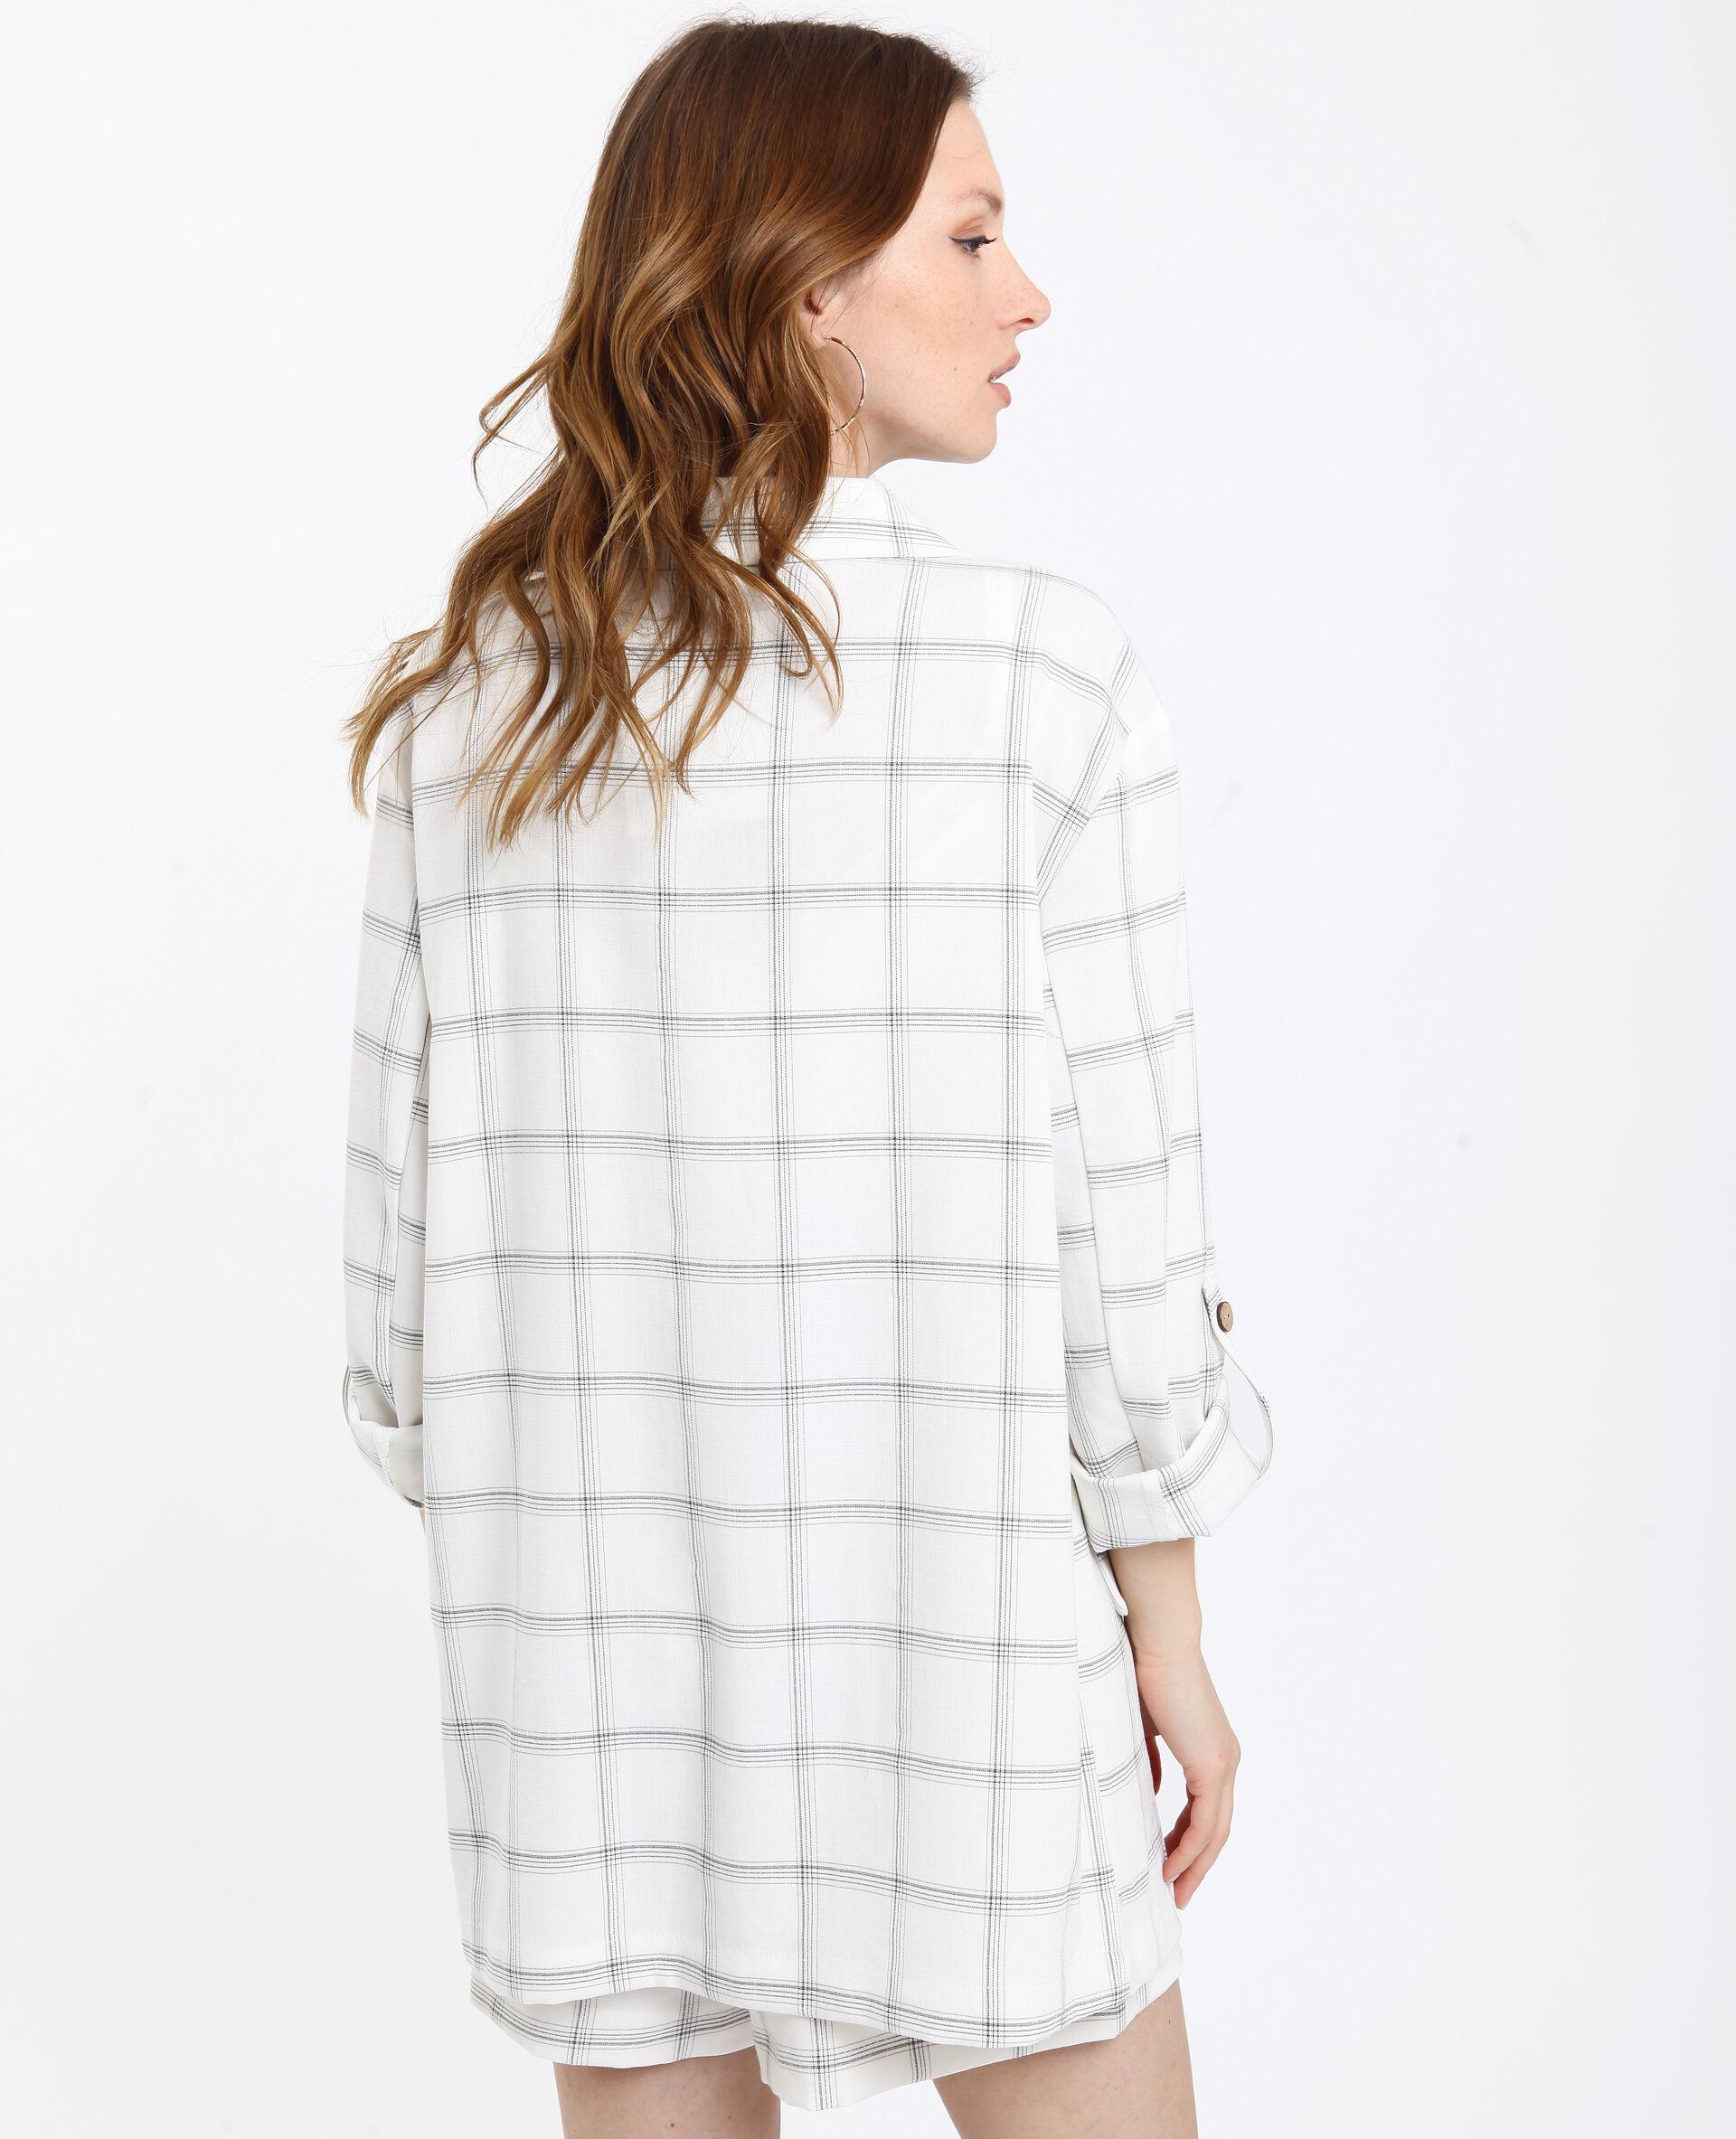 Veste tailleur blanche femme blanc